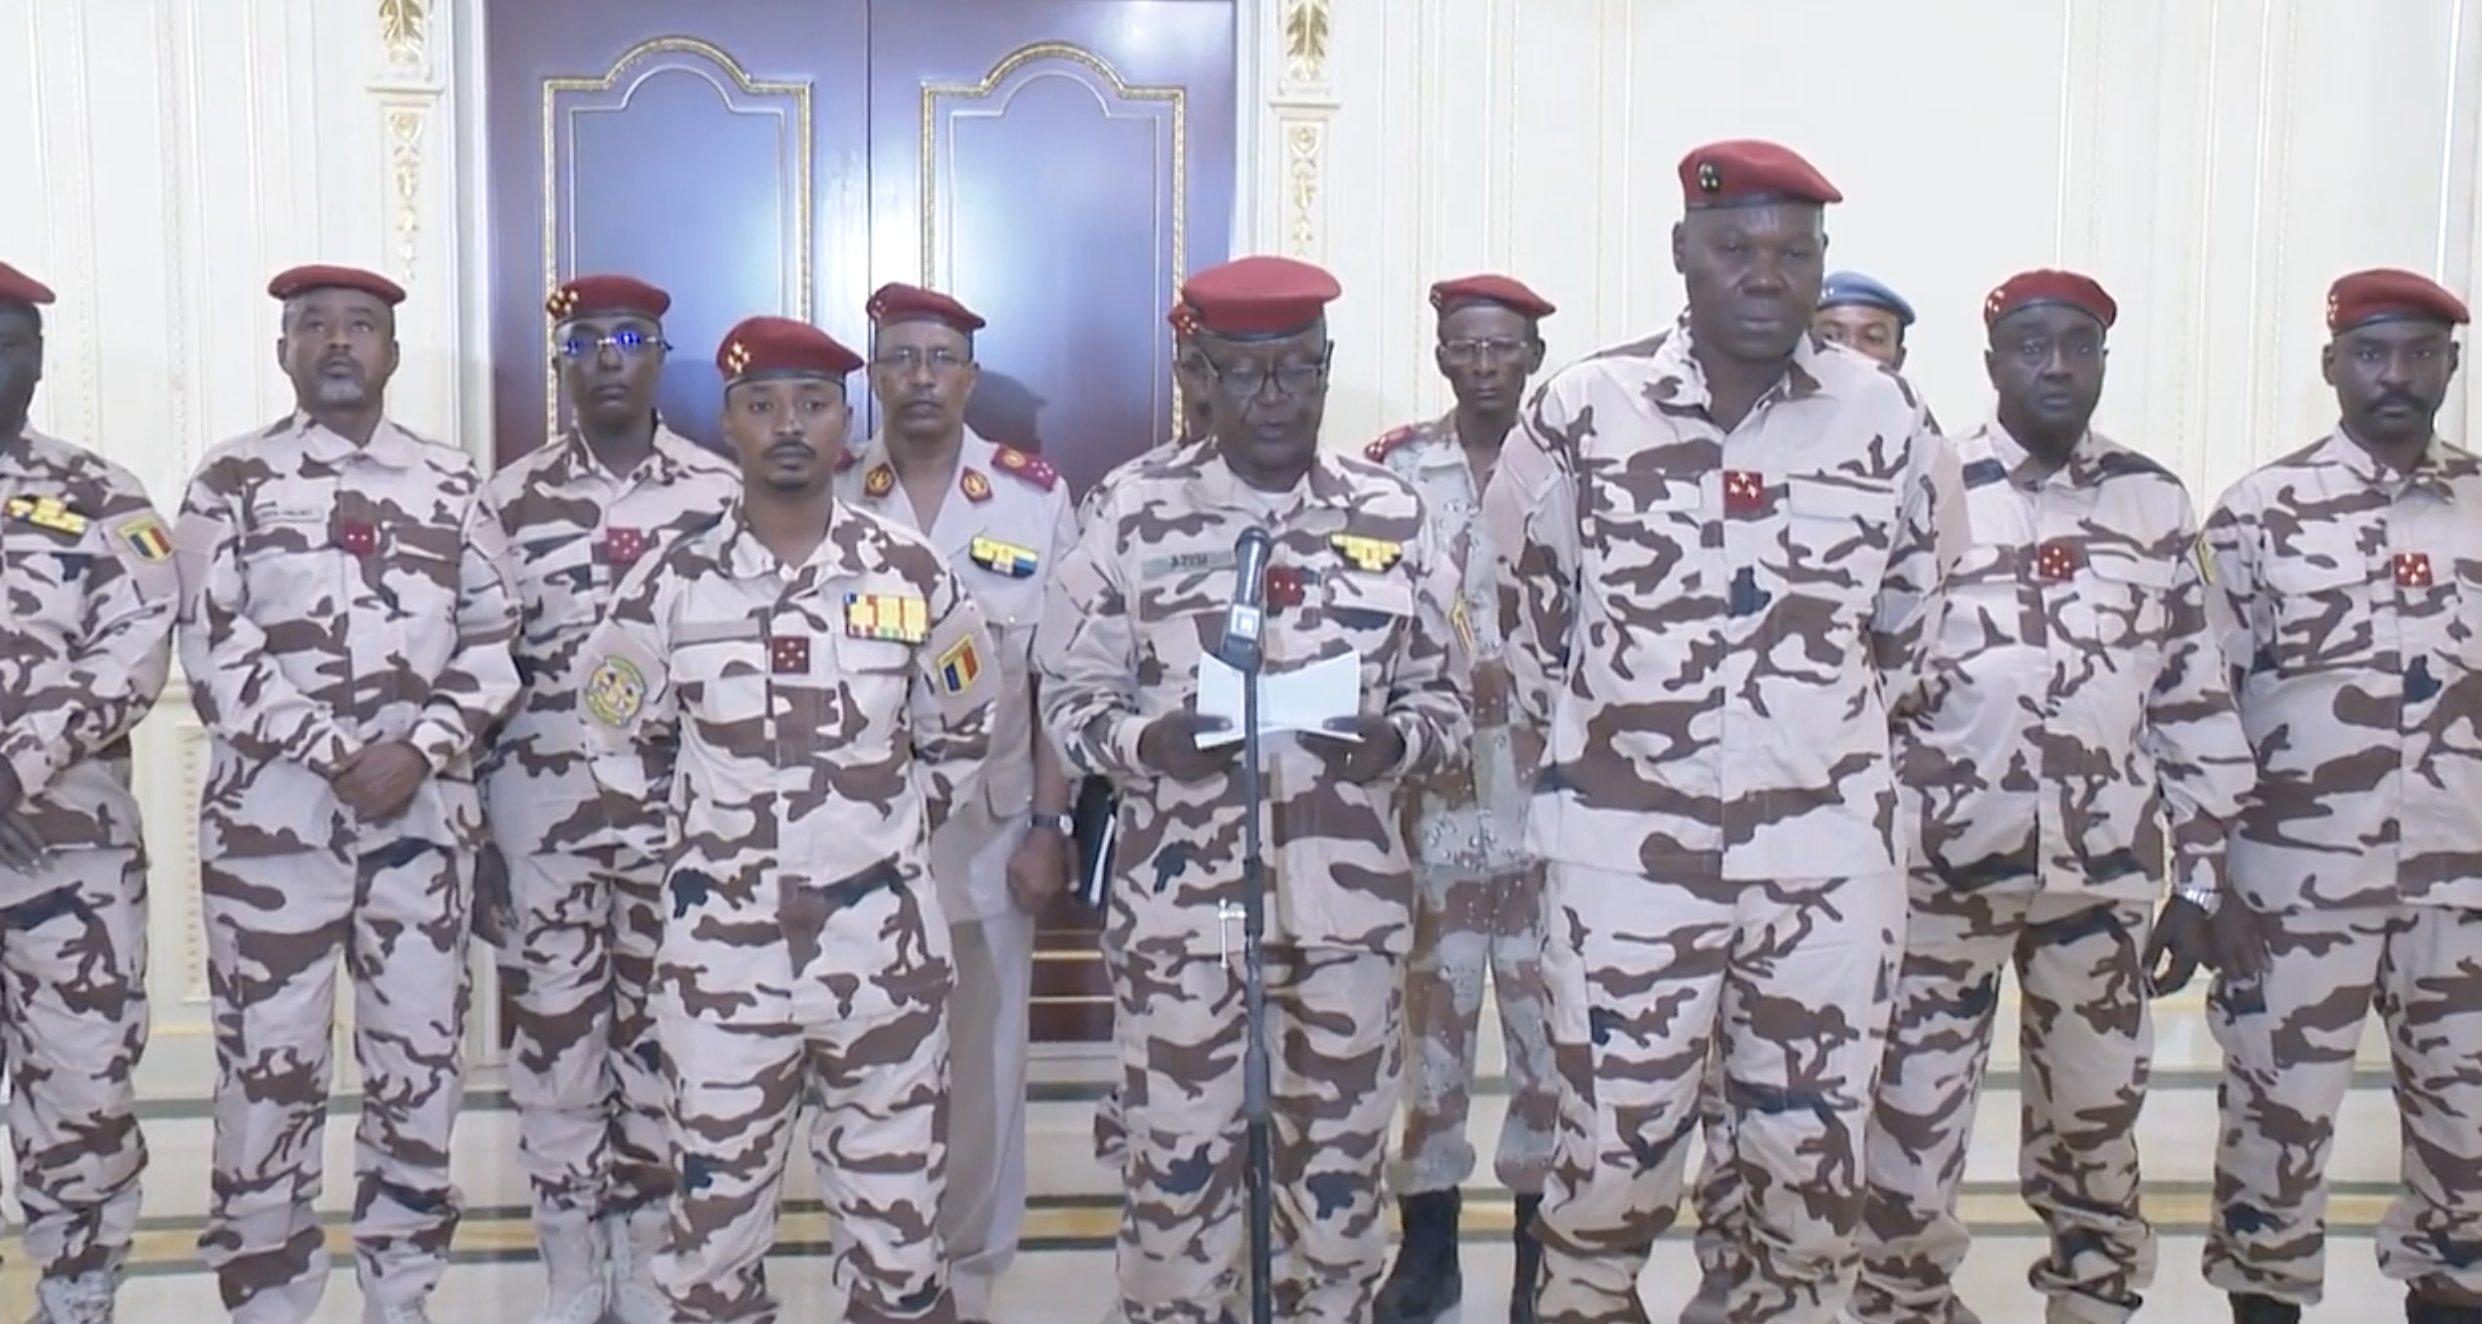 tchad-le-conseil-militaire-de-transition-refuse-de-negocier-avec-les-rebelles-du-fact